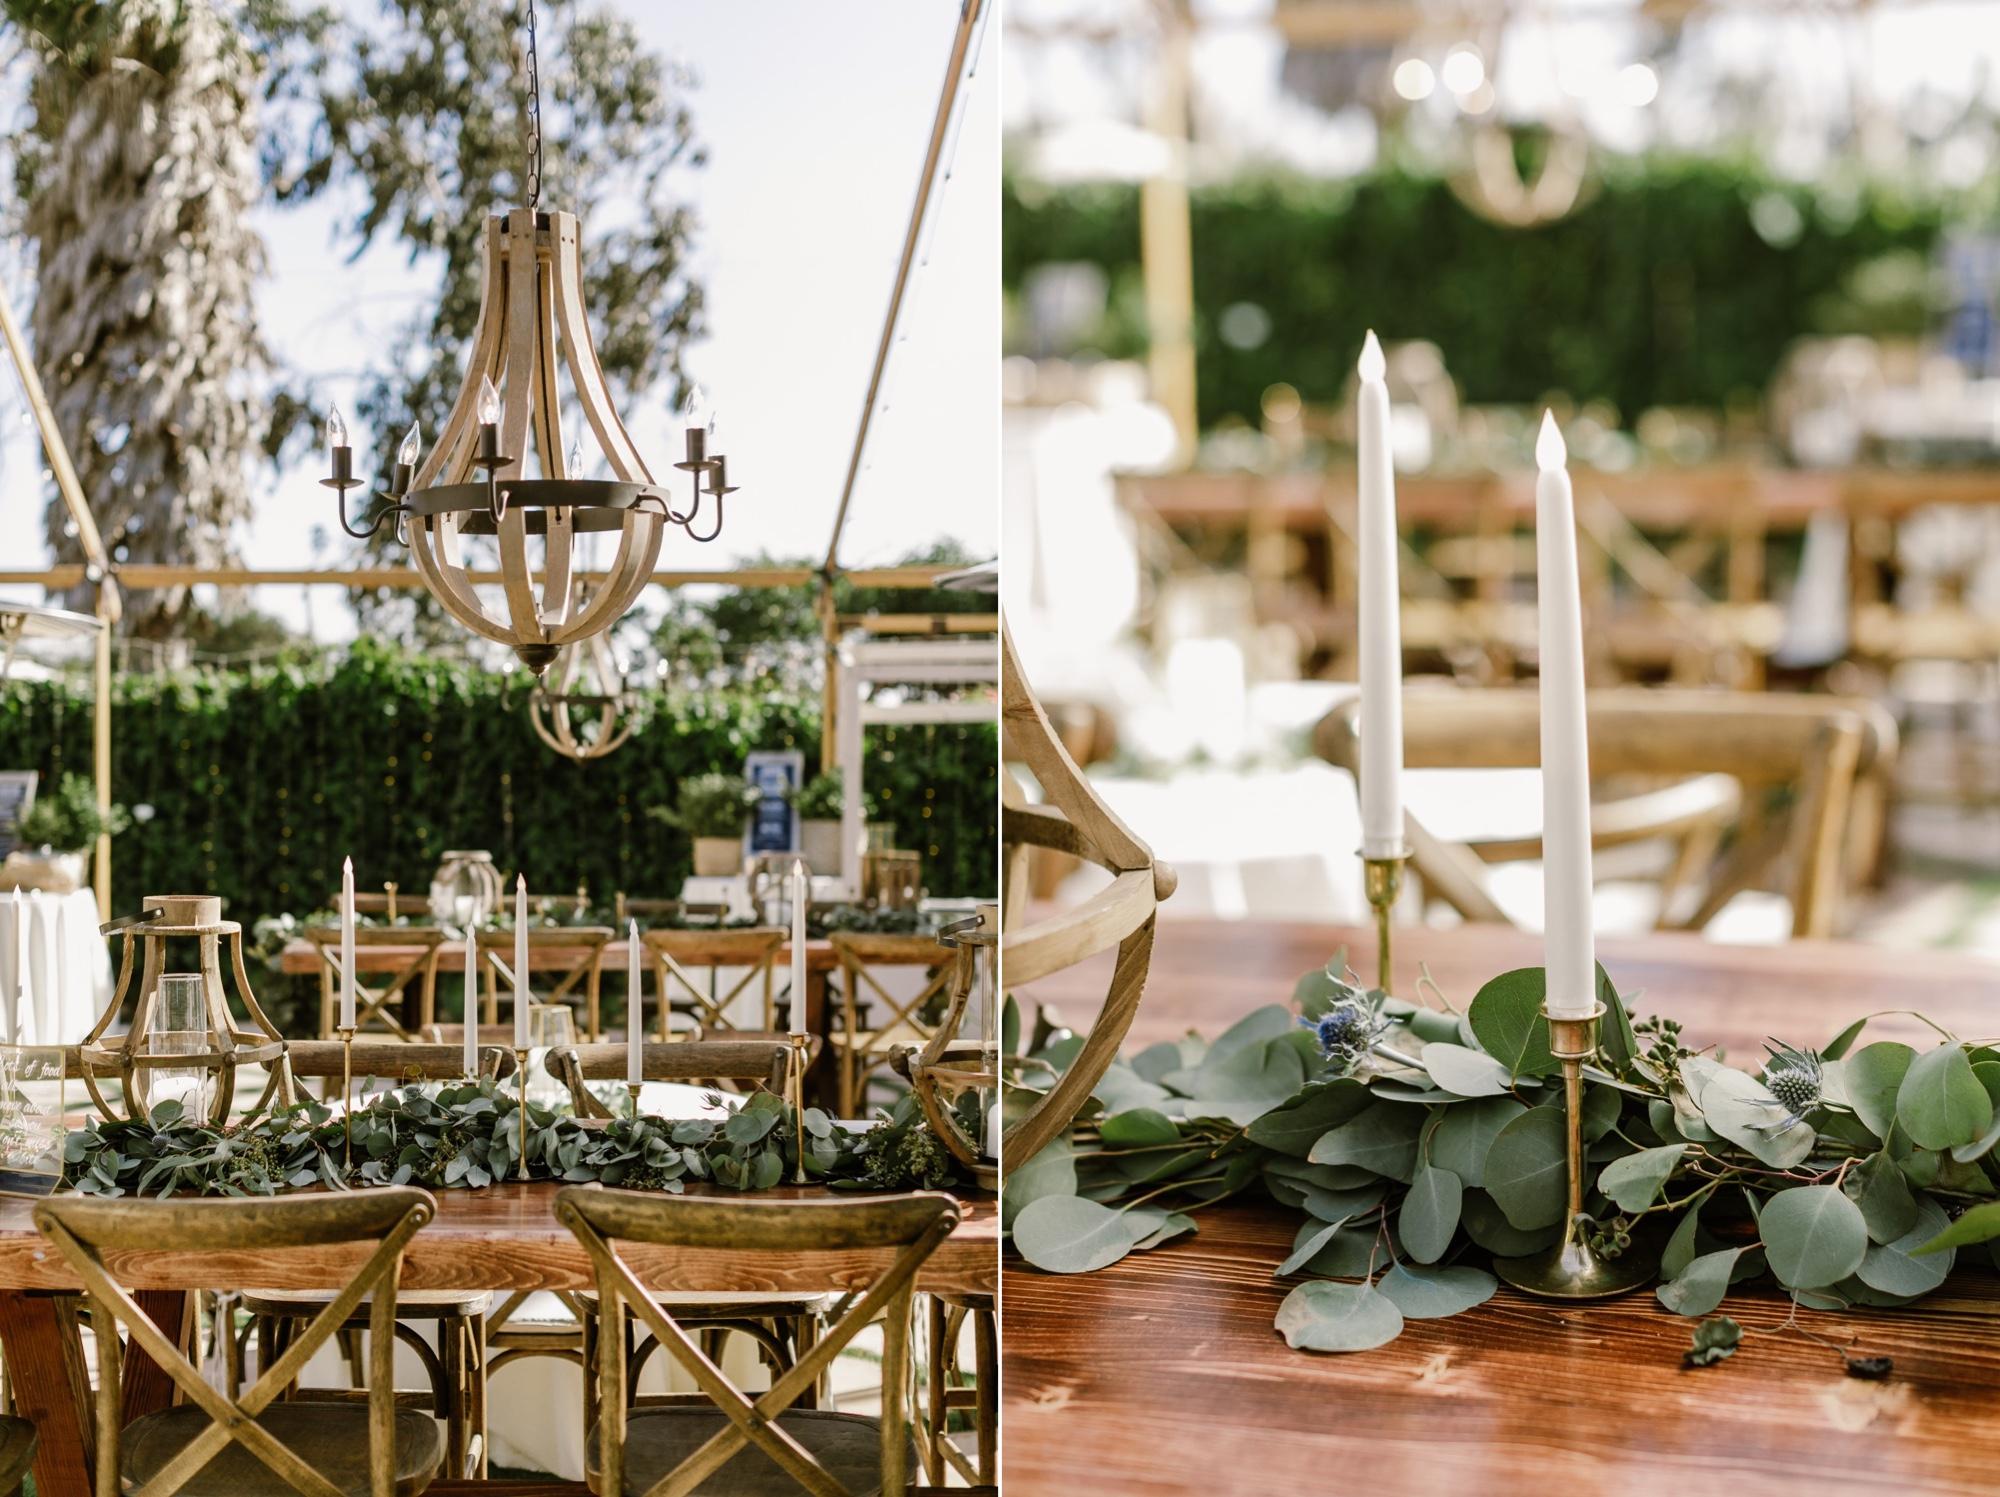 51_Ally and Tommy's Wedding-415_Ally and Tommy's Wedding-425_candle_details_rincon_club_beach_reception_wedding.jpg